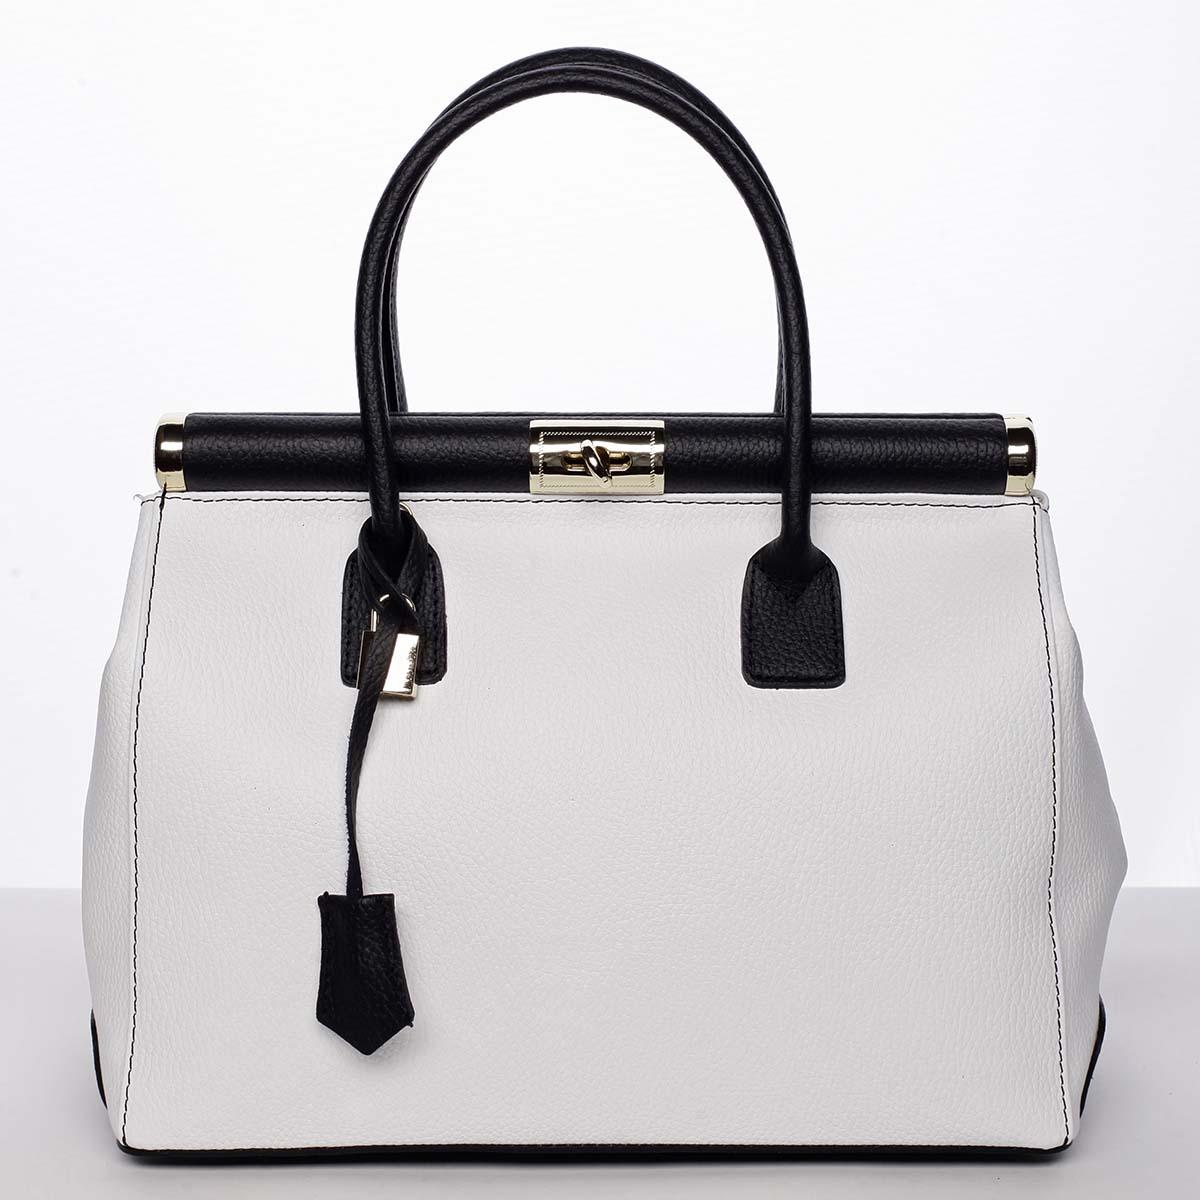 Módní originální dámská kožená kabelka do ruky bílá - ItalY Hila